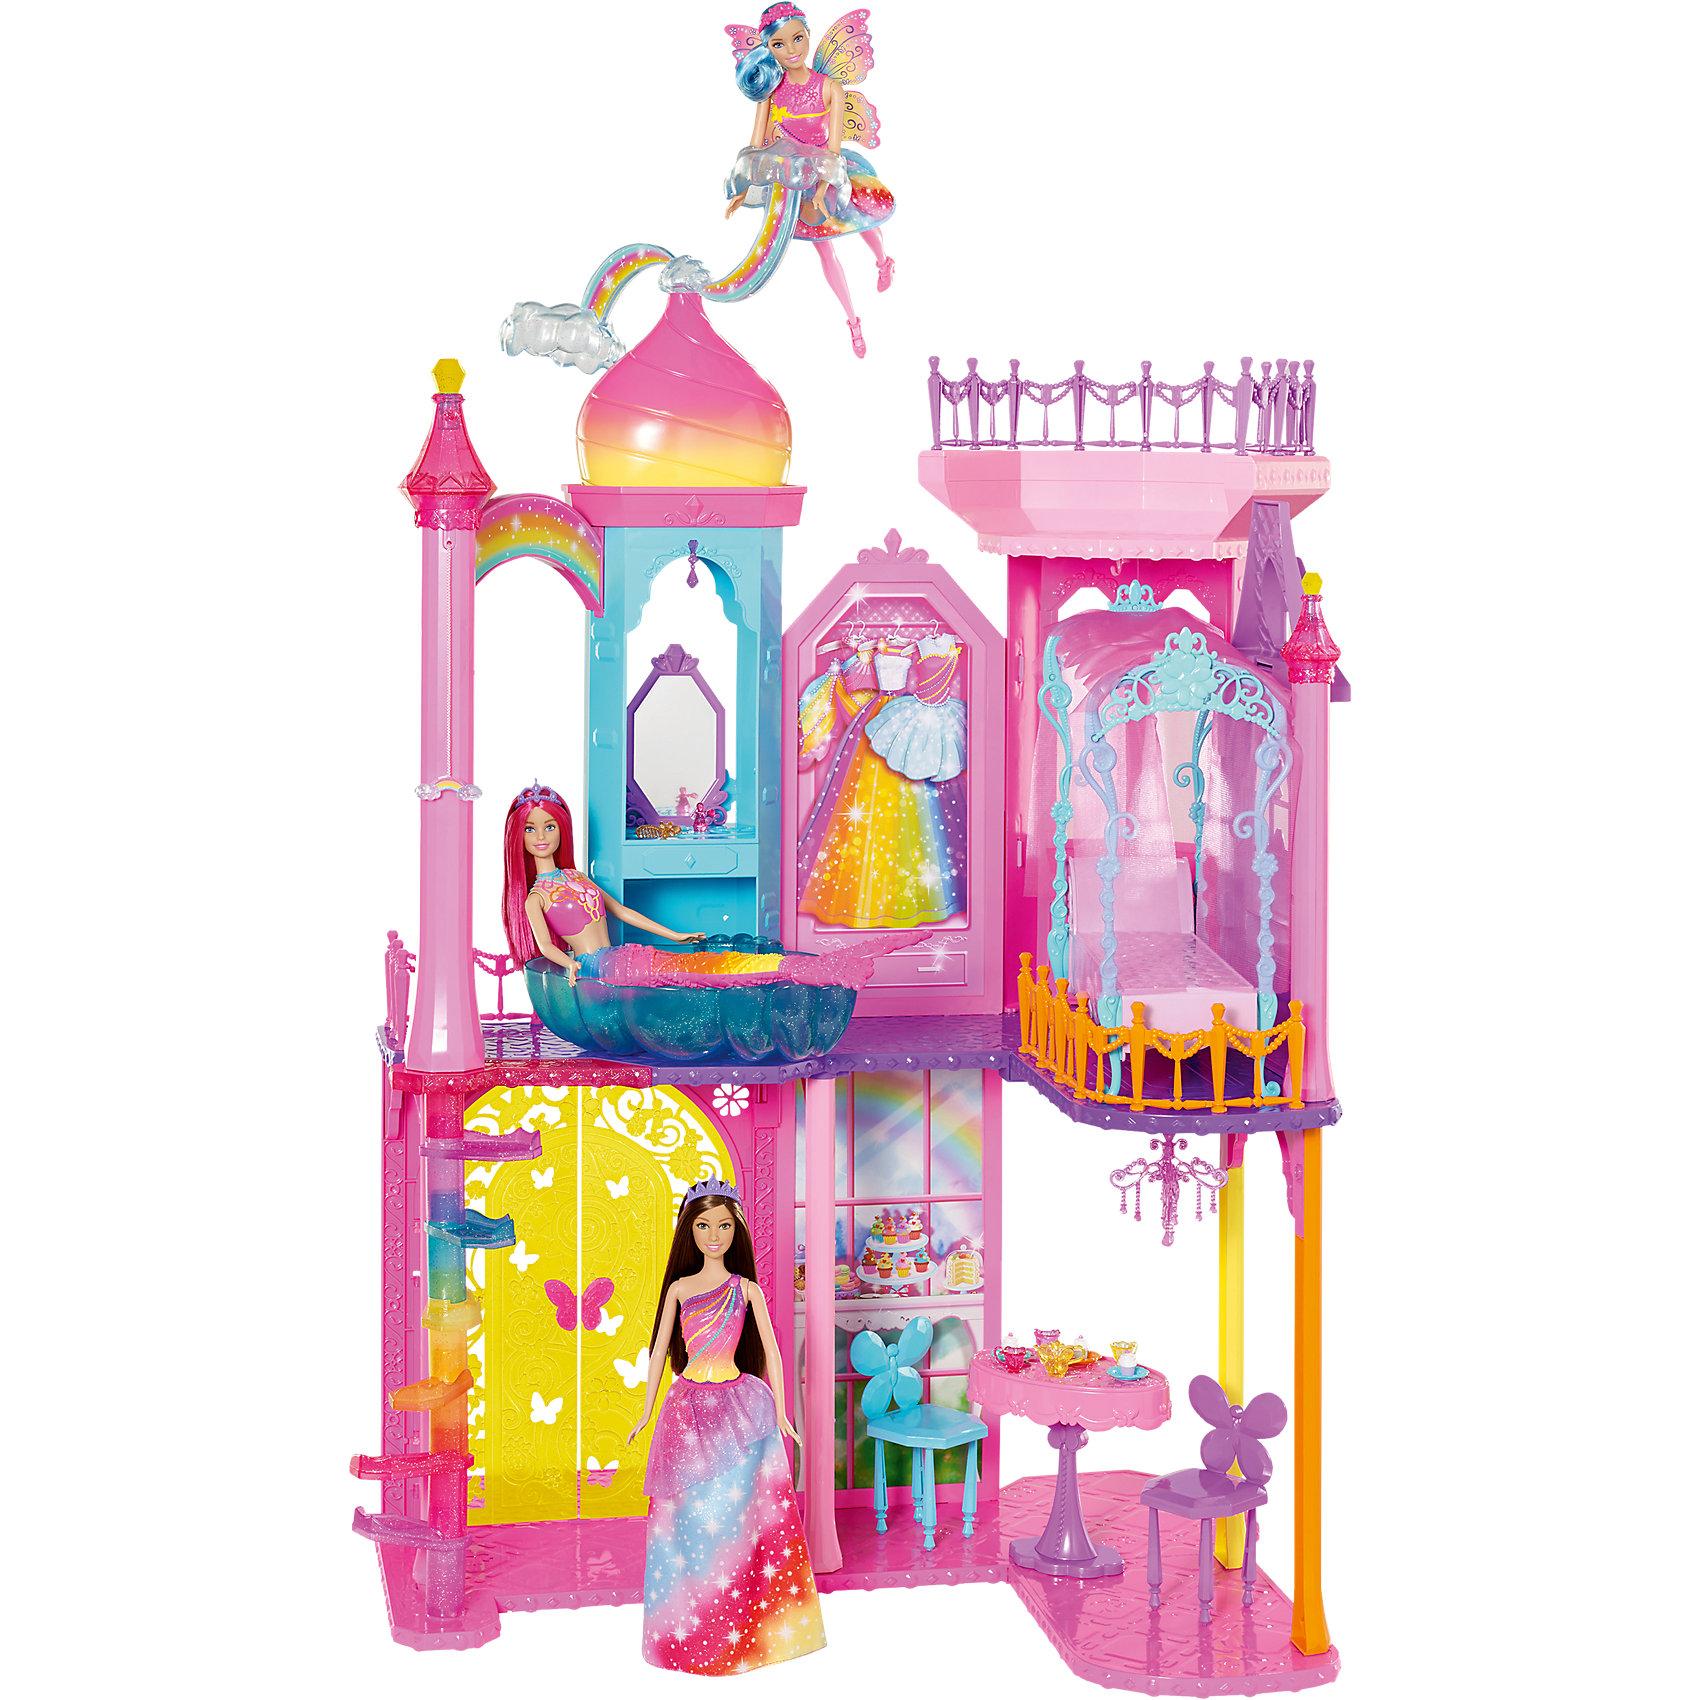 Mattel Радужный дворец Barbie духи пробники и тестер в интернет магазине